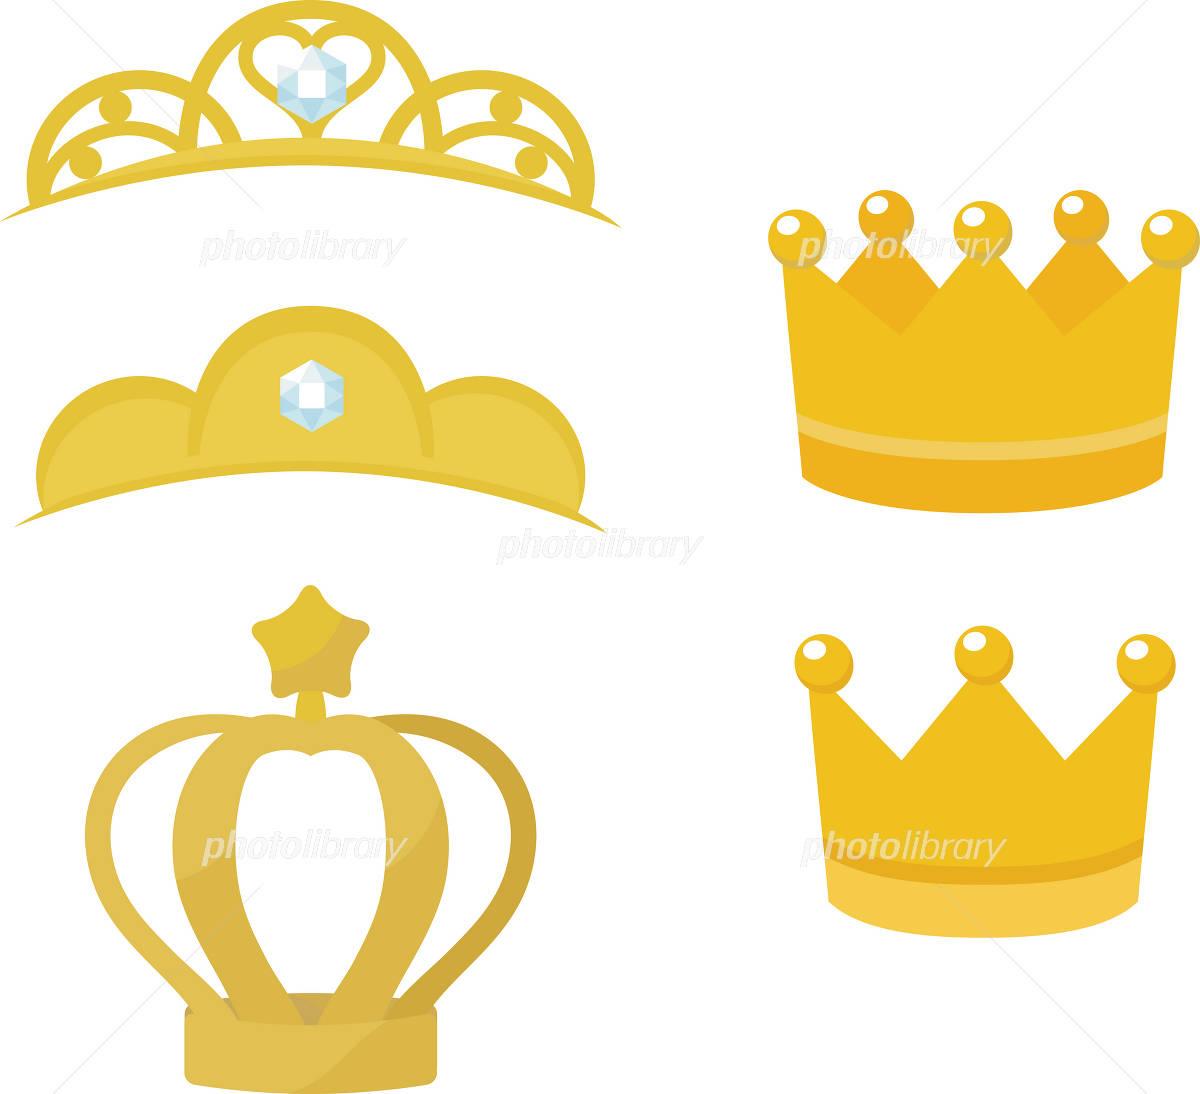 シンプルな王冠とティアラ イラスト素材 2274312 フォトライブ